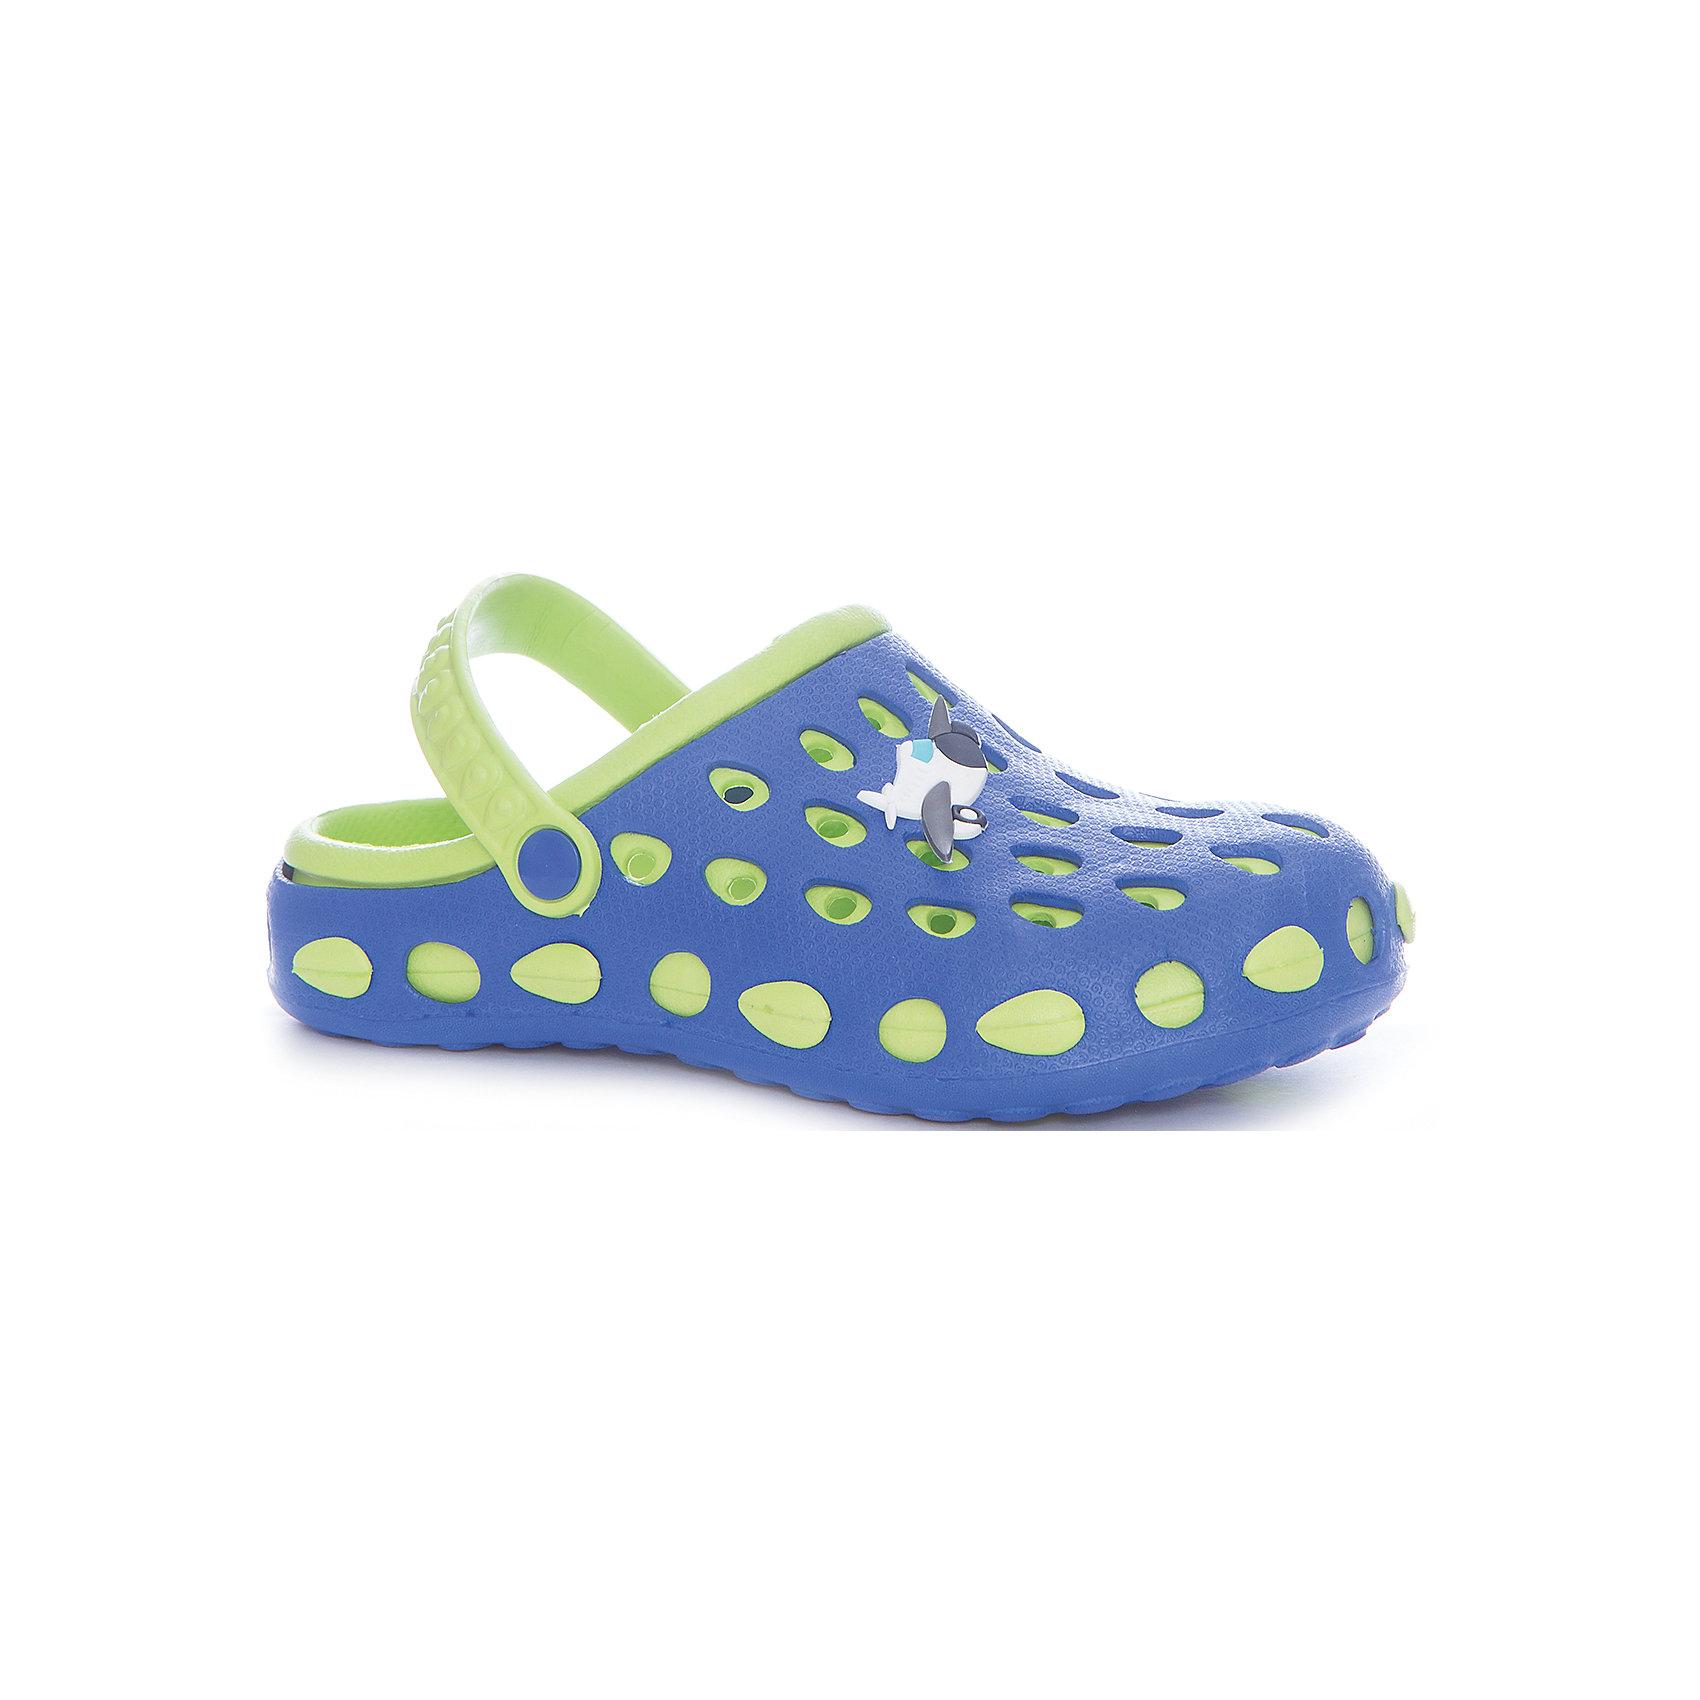 Пляжная обувь для мальчика MURSUПляжная обувь для мальчика MURSU<br>Состав: <br>Материал верха: ЭВА; Материал подкладки: ЭВА; Материал подошвы: ЭВА; Материал стельки: ЭВА.<br><br>Ширина мм: 248<br>Глубина мм: 135<br>Высота мм: 147<br>Вес г: 256<br>Цвет: разноцветный<br>Возраст от месяцев: 132<br>Возраст до месяцев: 144<br>Пол: Мужской<br>Возраст: Детский<br>Размер: 35,30,31,32,33,34<br>SKU: 5326058